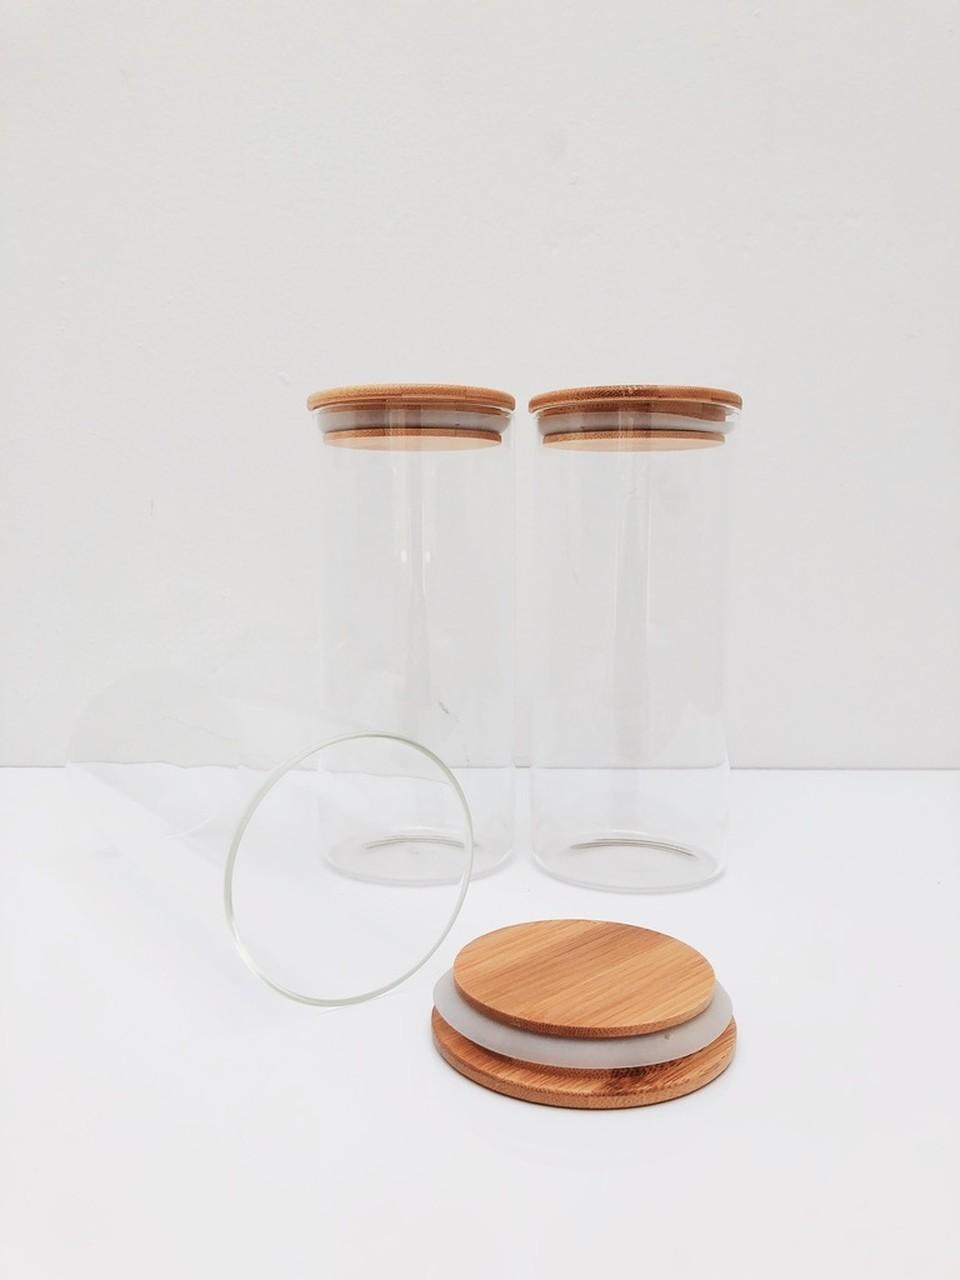 Kit Pote de Vidro com Tampa de Bambu 800ml - 3 Peças  - CASACOBRE